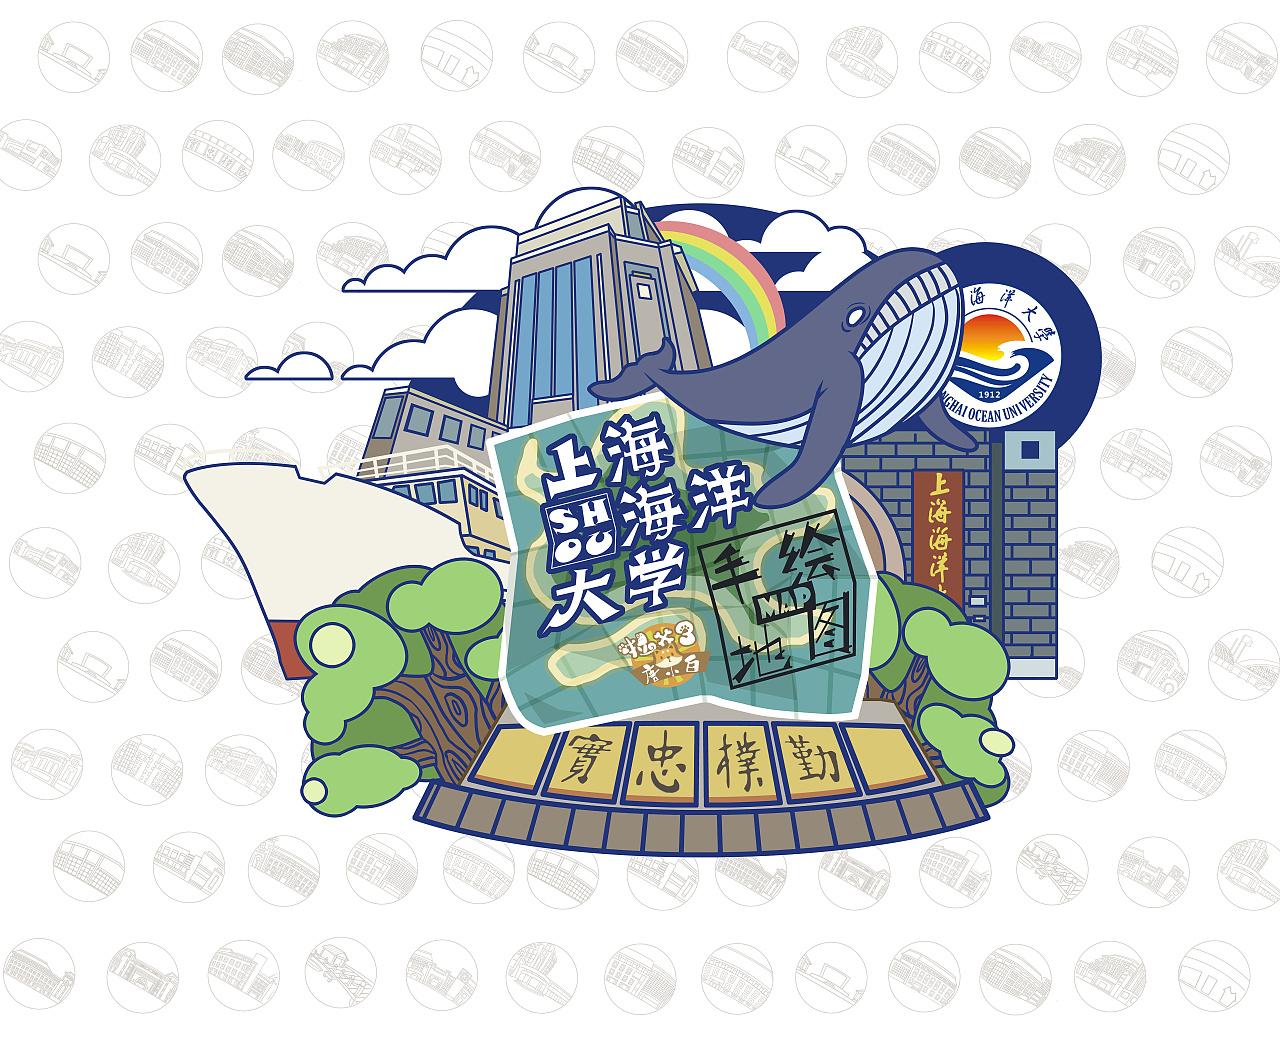 上海海洋大学手绘地图